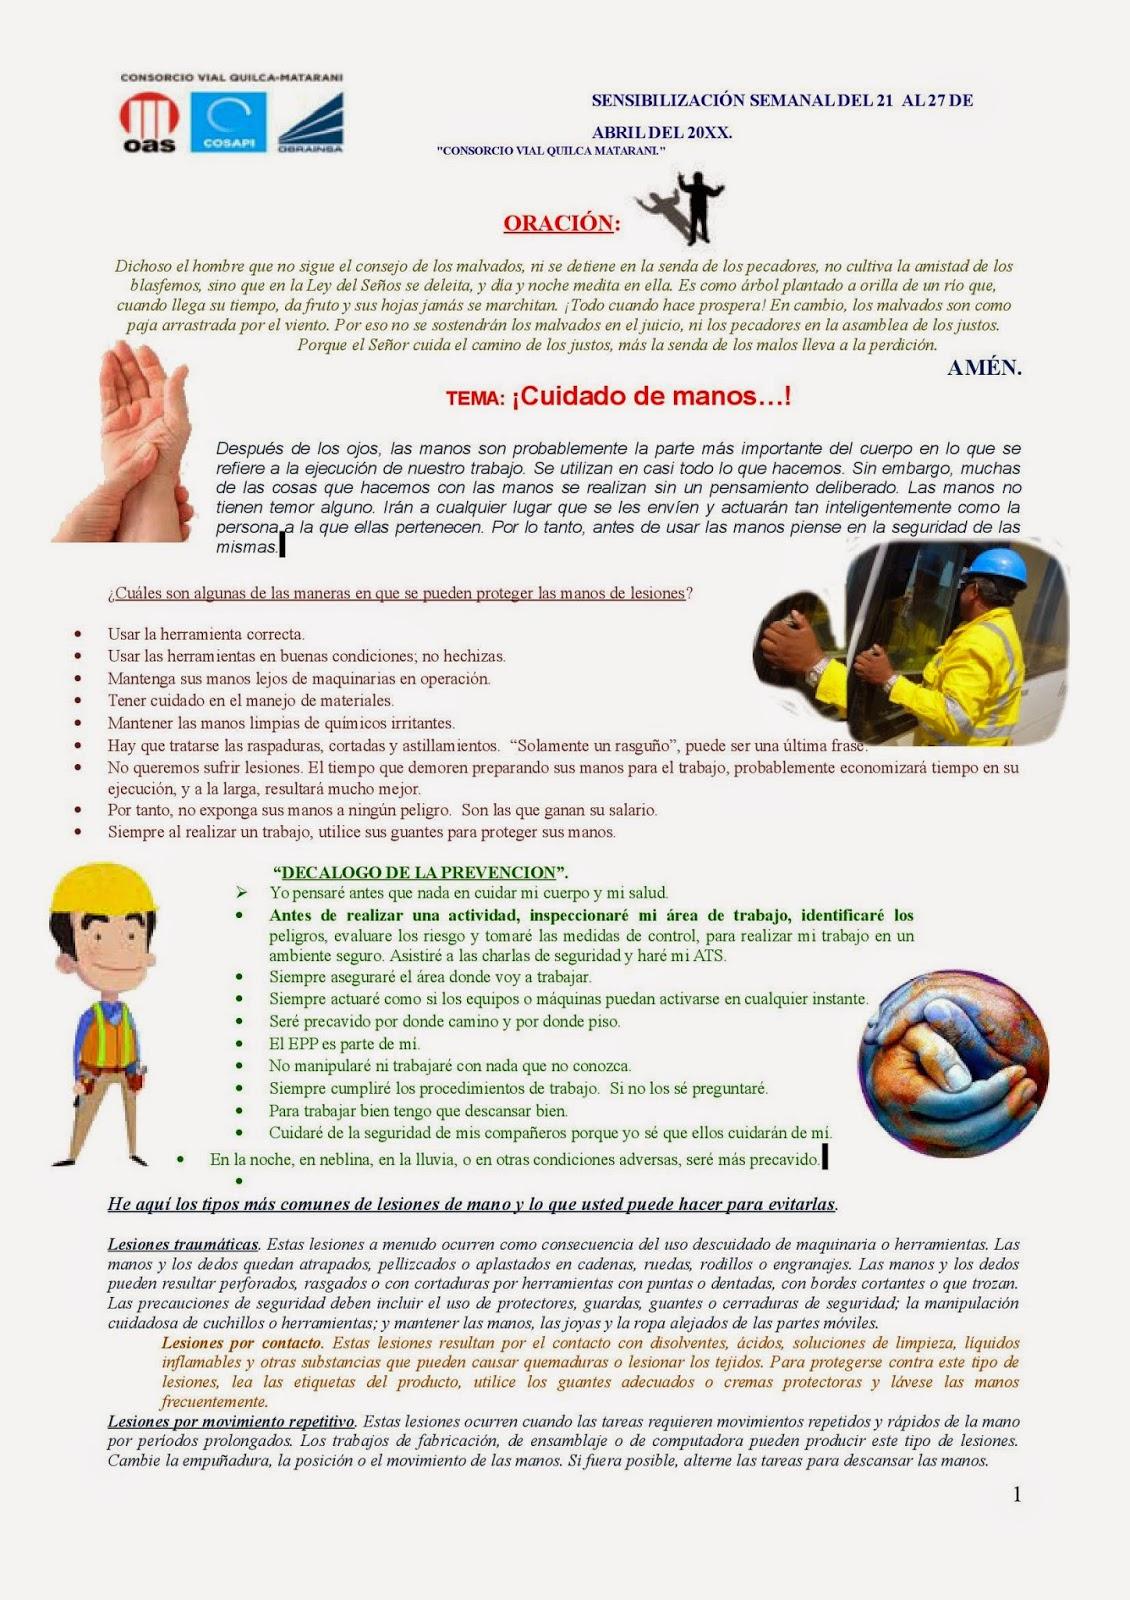 Charlas de sensibilizacion seguridad salud ocupacional for Eliminar electricidad estatica oficina